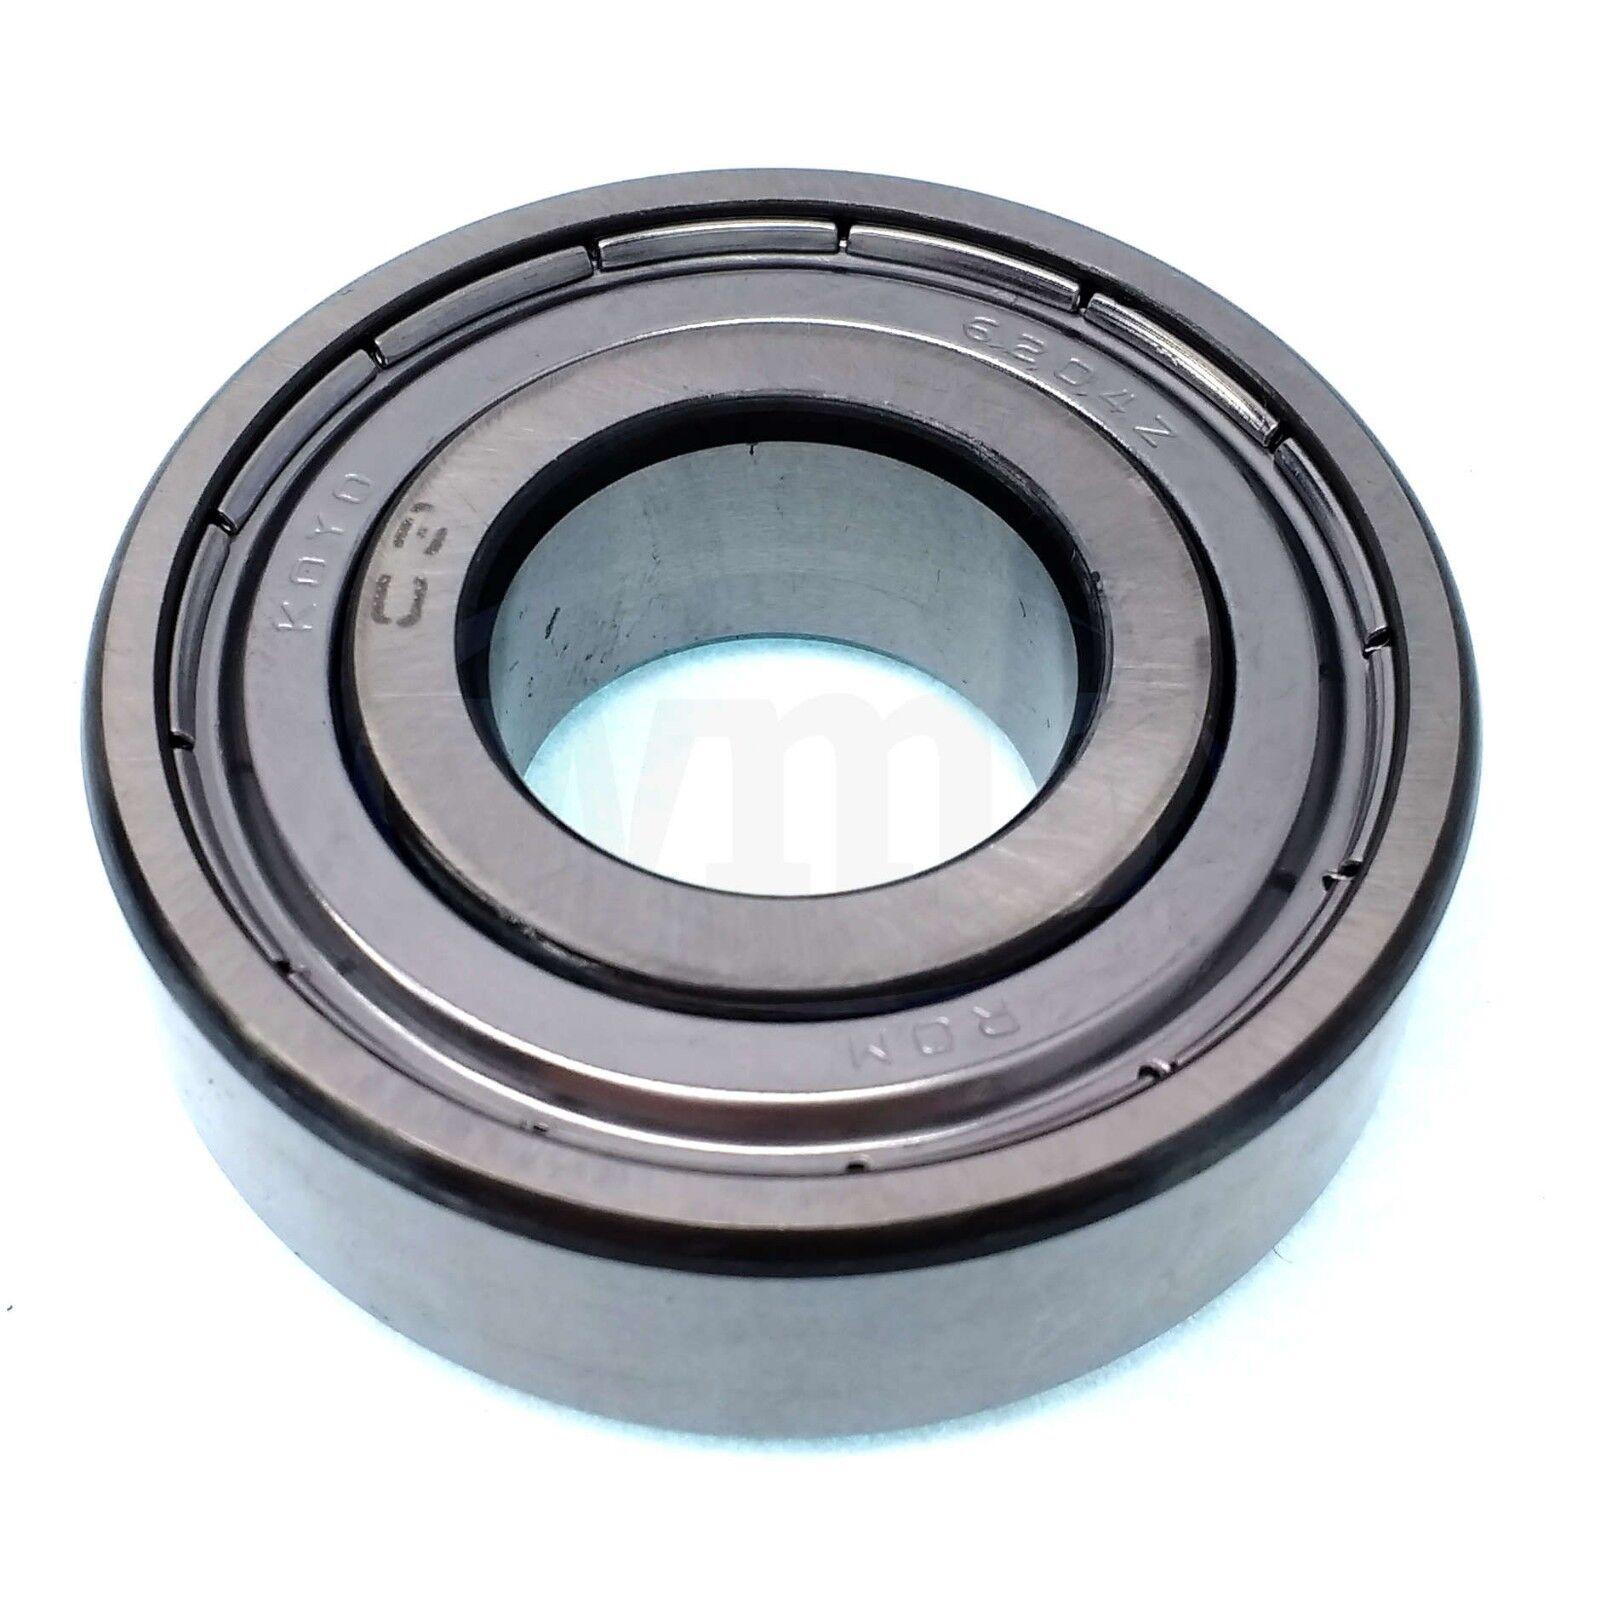 25mm x 52mm x 15mm Koyo 6205ZZC3 Single Row Ball Bearing Double Shielded